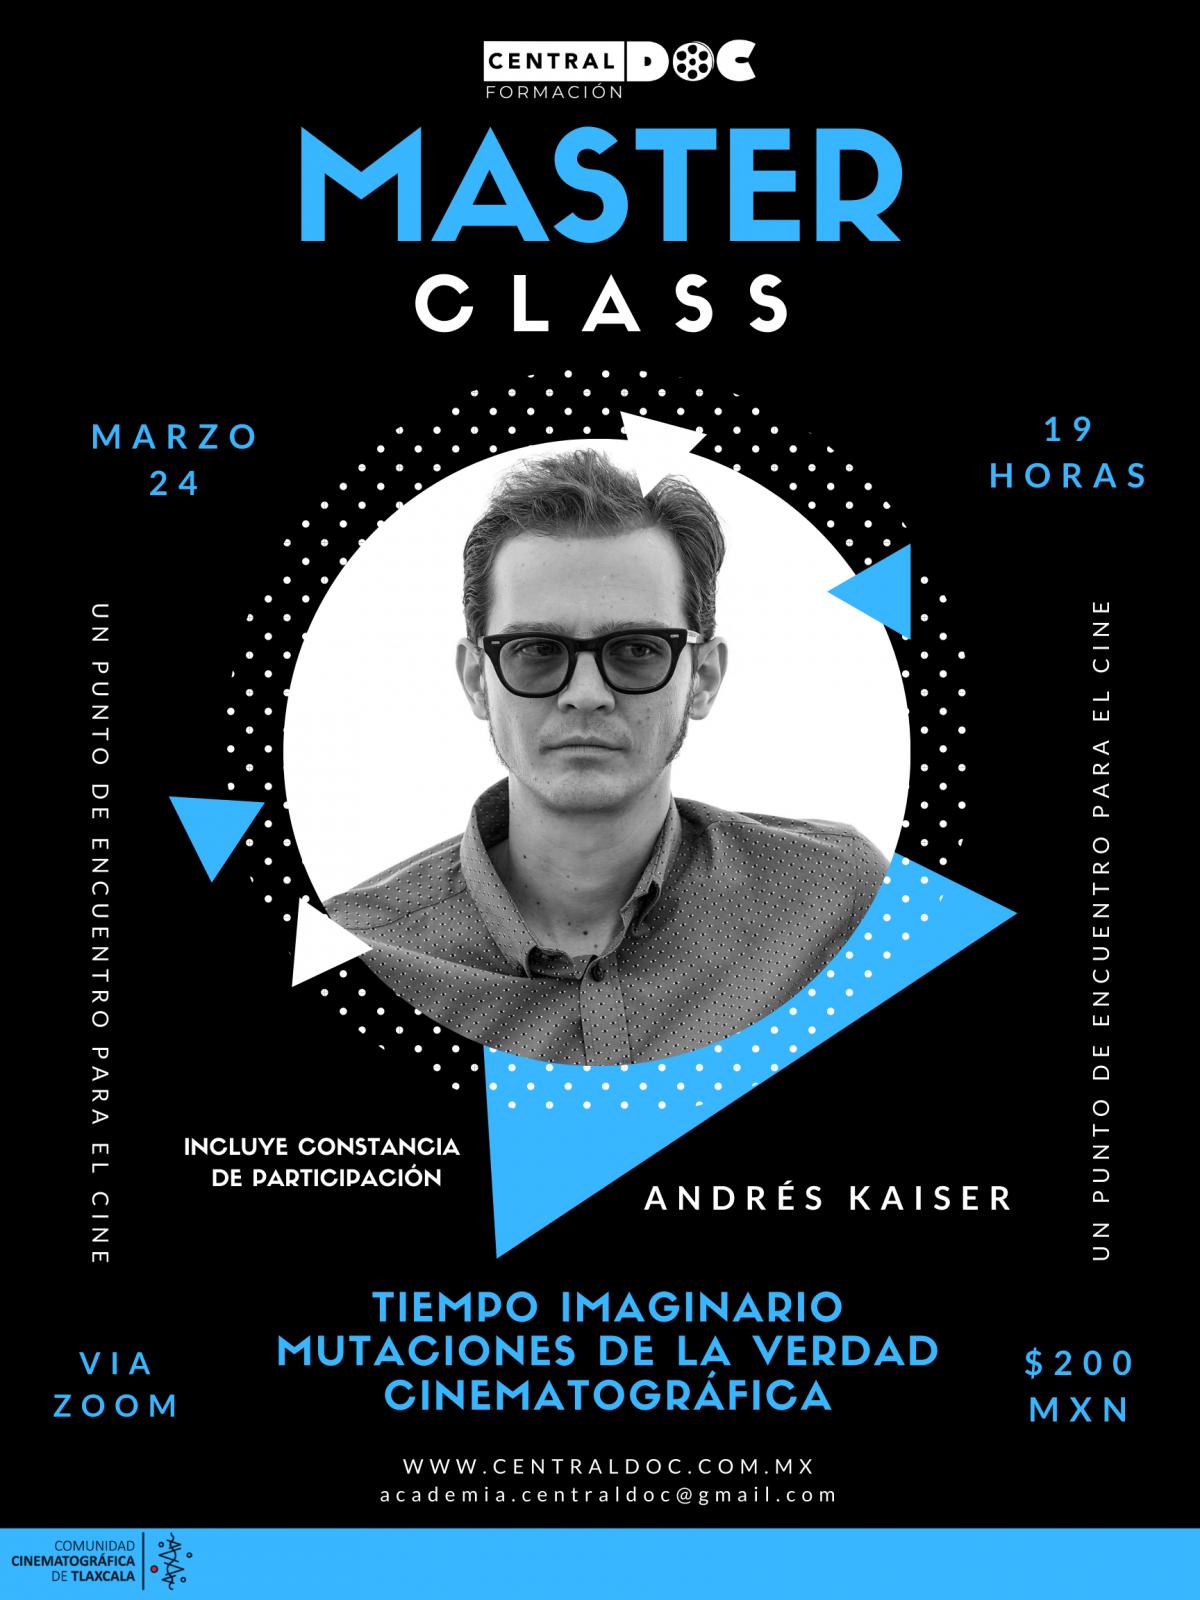 Tiempo imaginario: Mutaciones de la verdad cinematográfica  con Andrés Kaiser